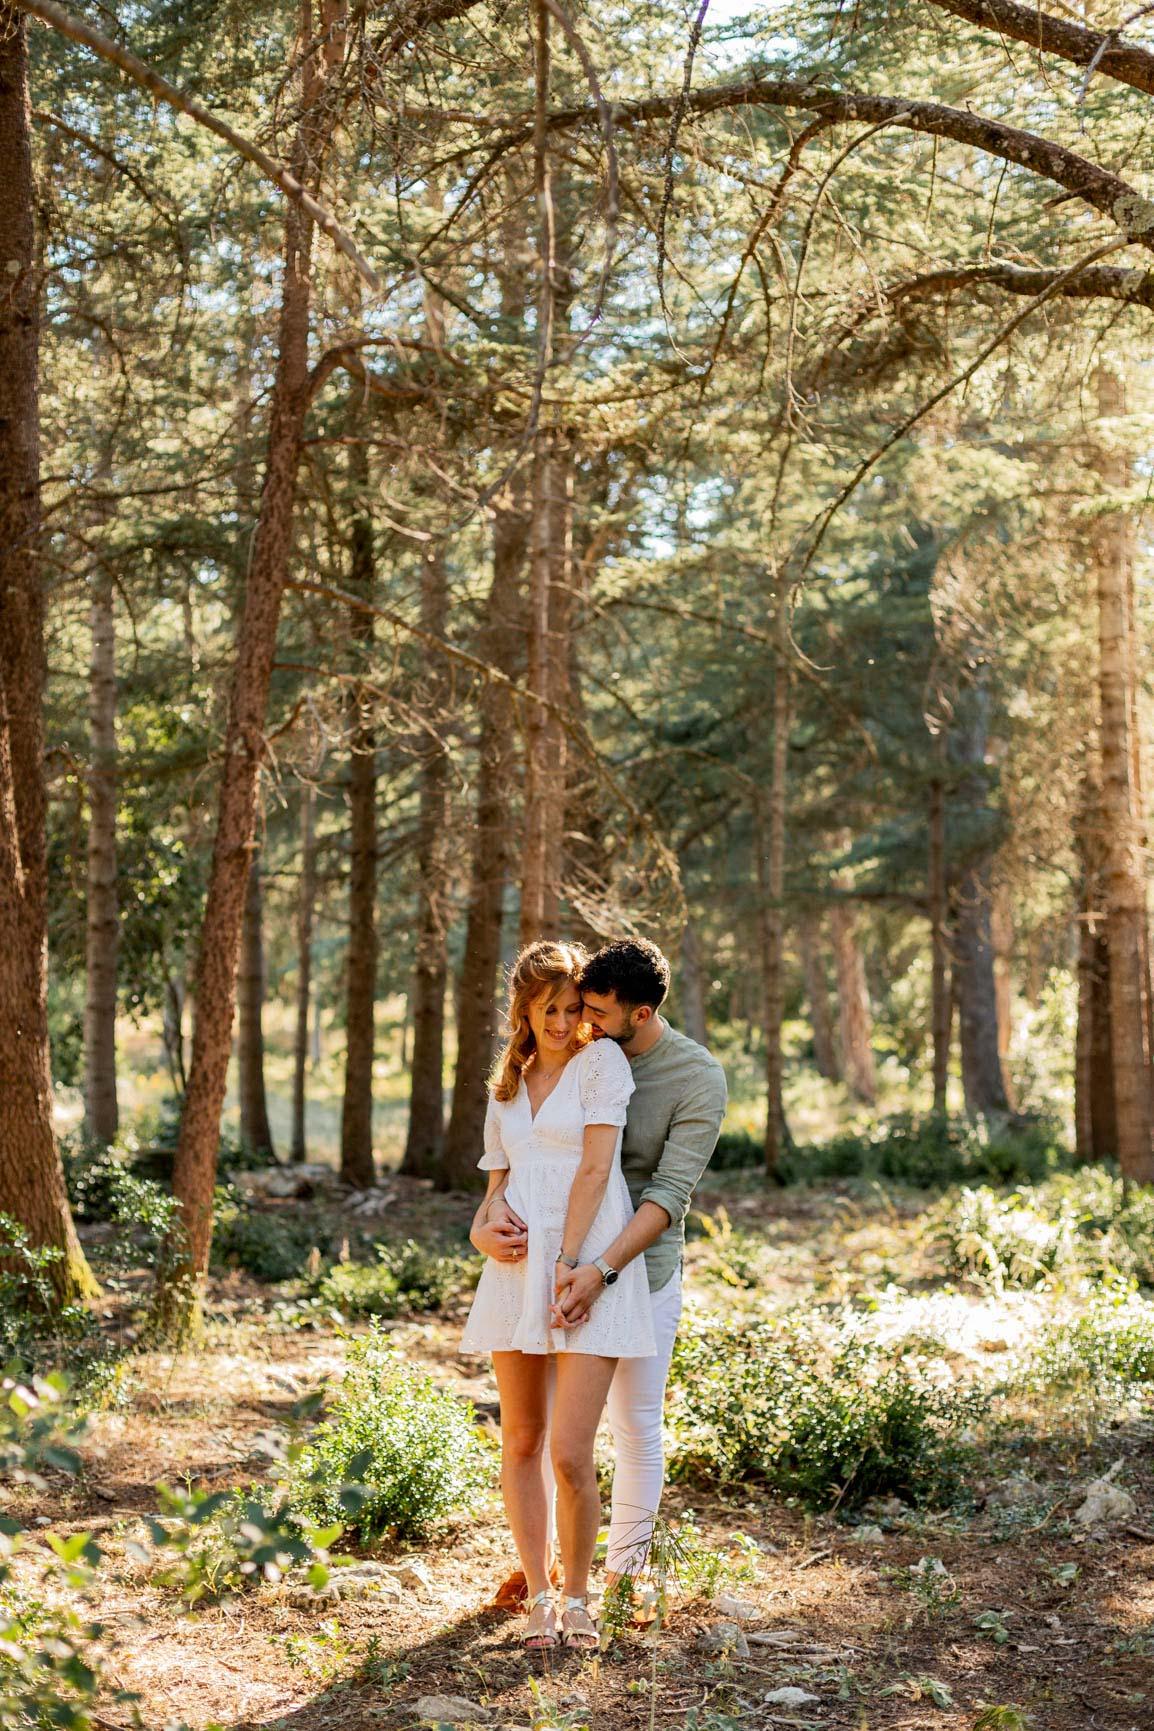 Séance photos couple forêt Lubéron | Justine Maquart Photographe